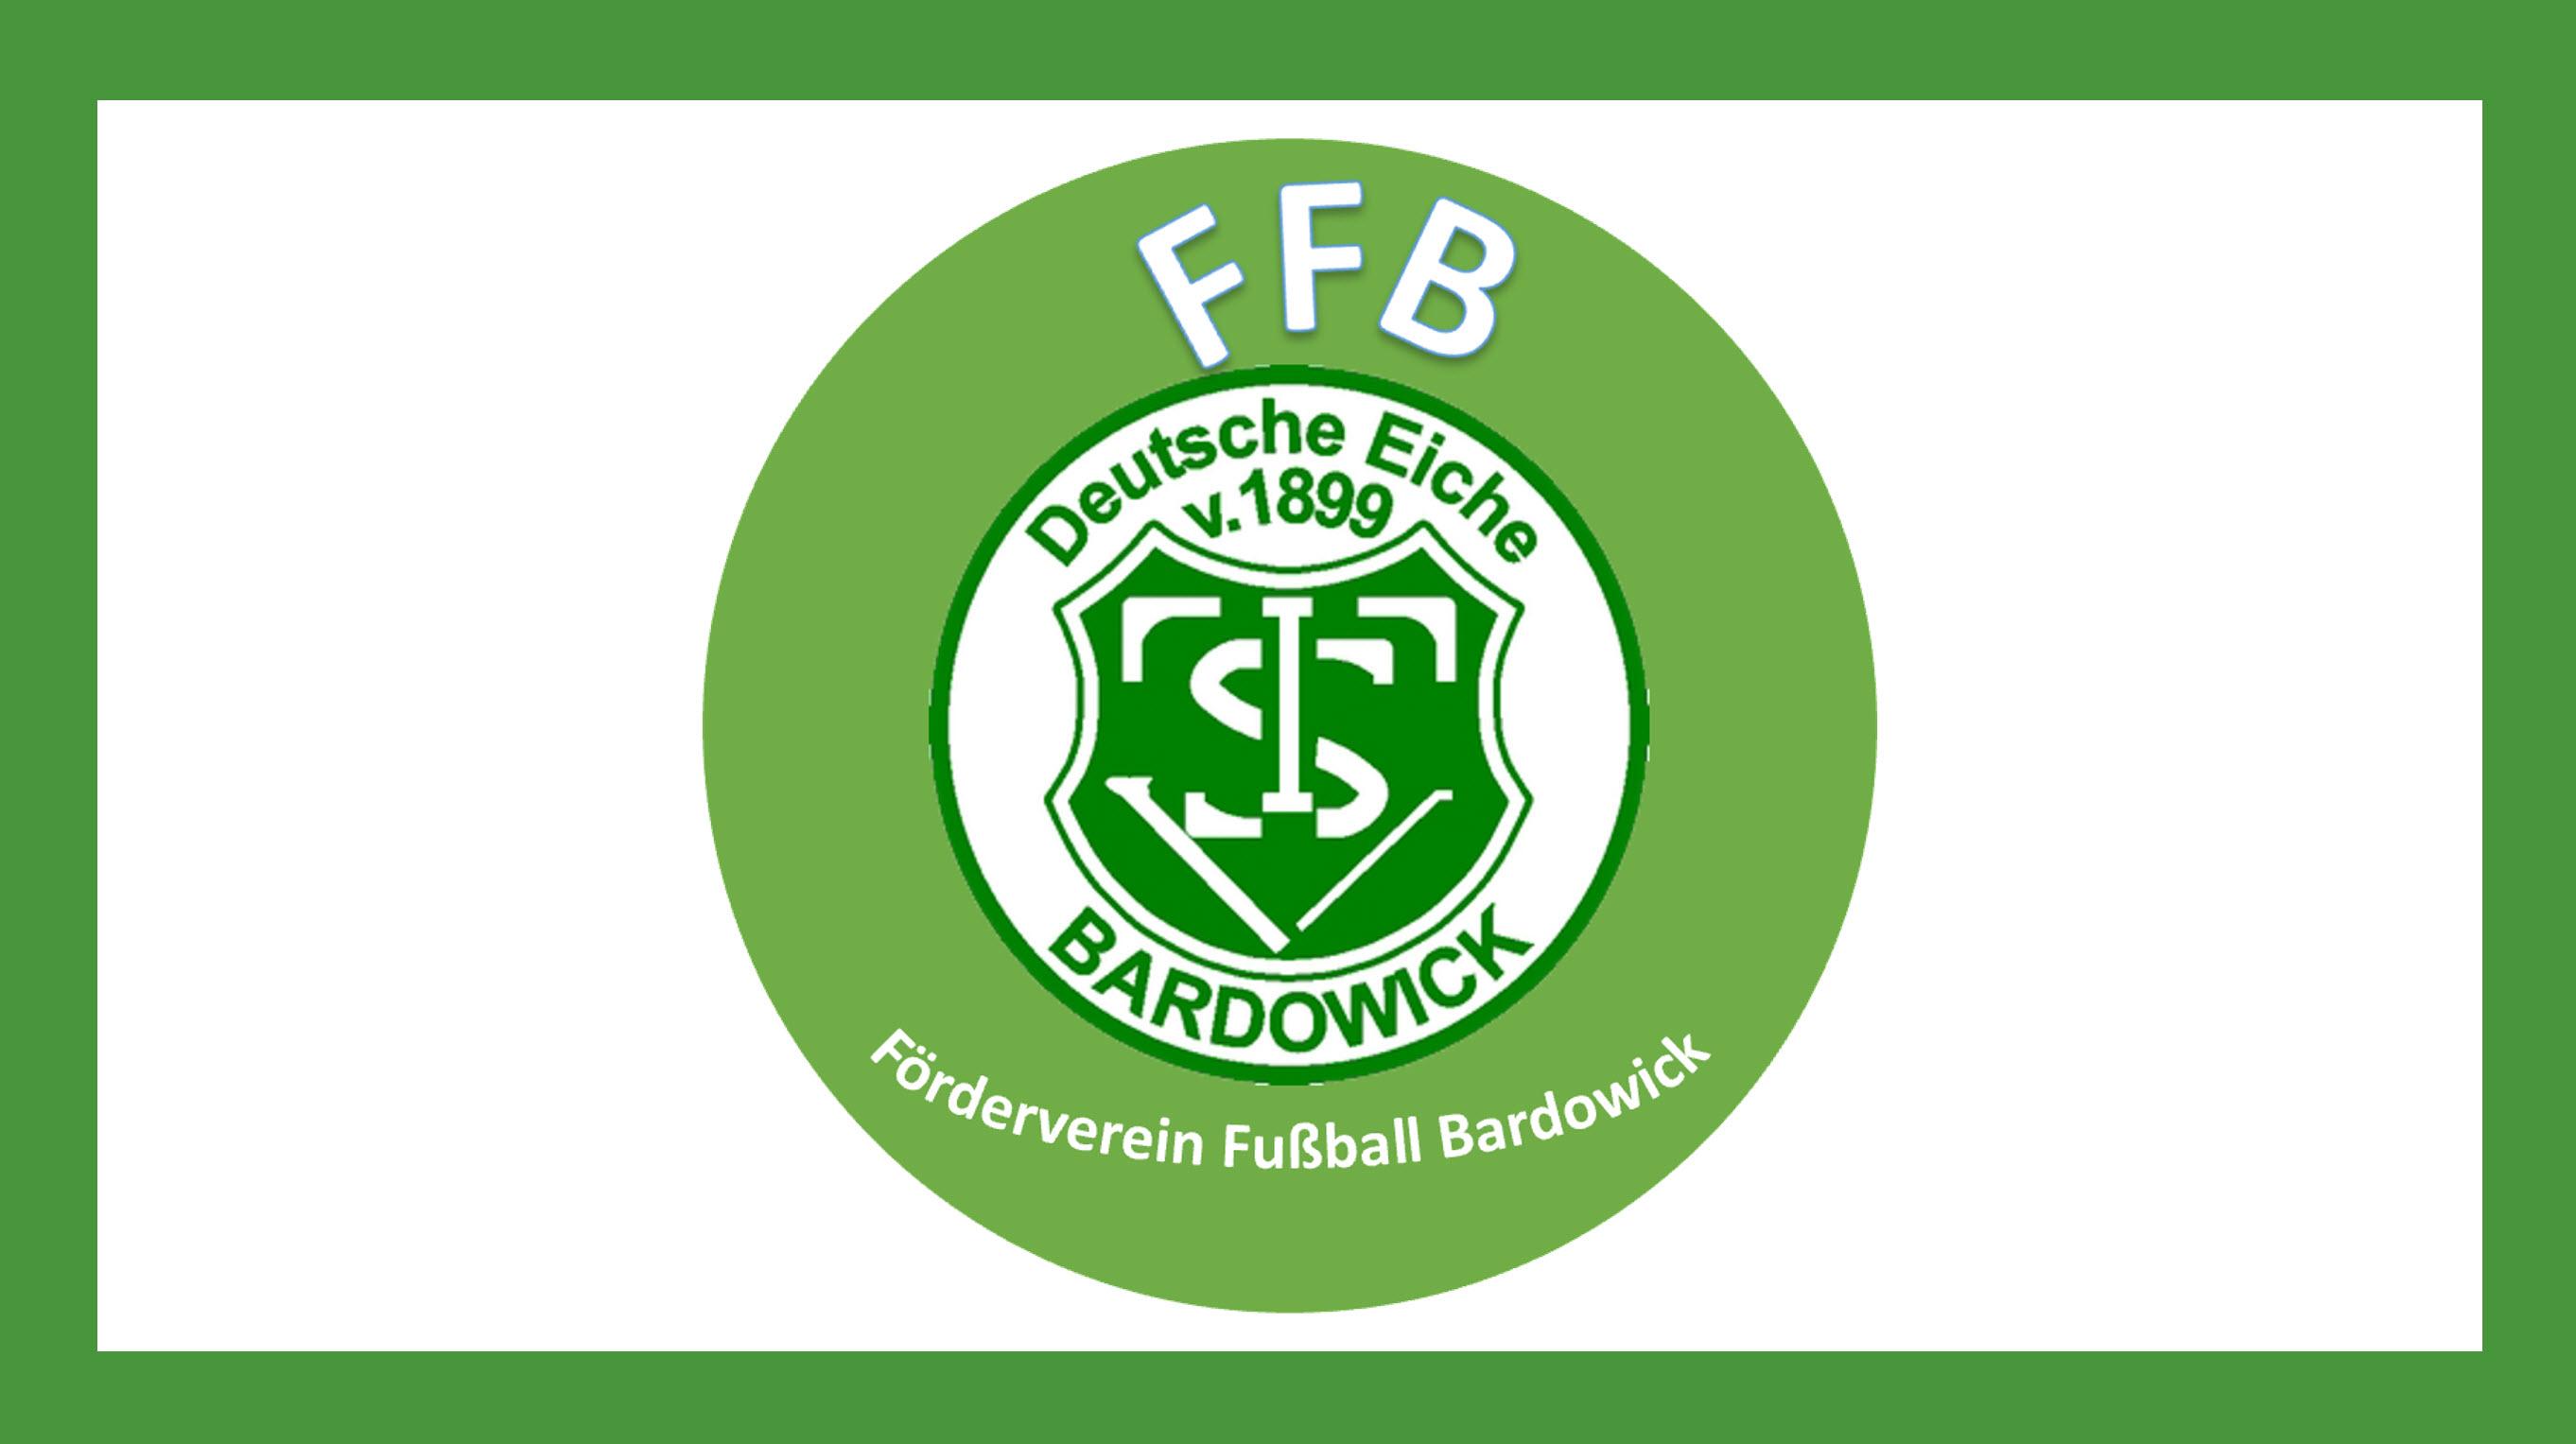 Gründungsversammlung Förderverein Fußball Bardowick am 01.10.2019 um 18 Uhr